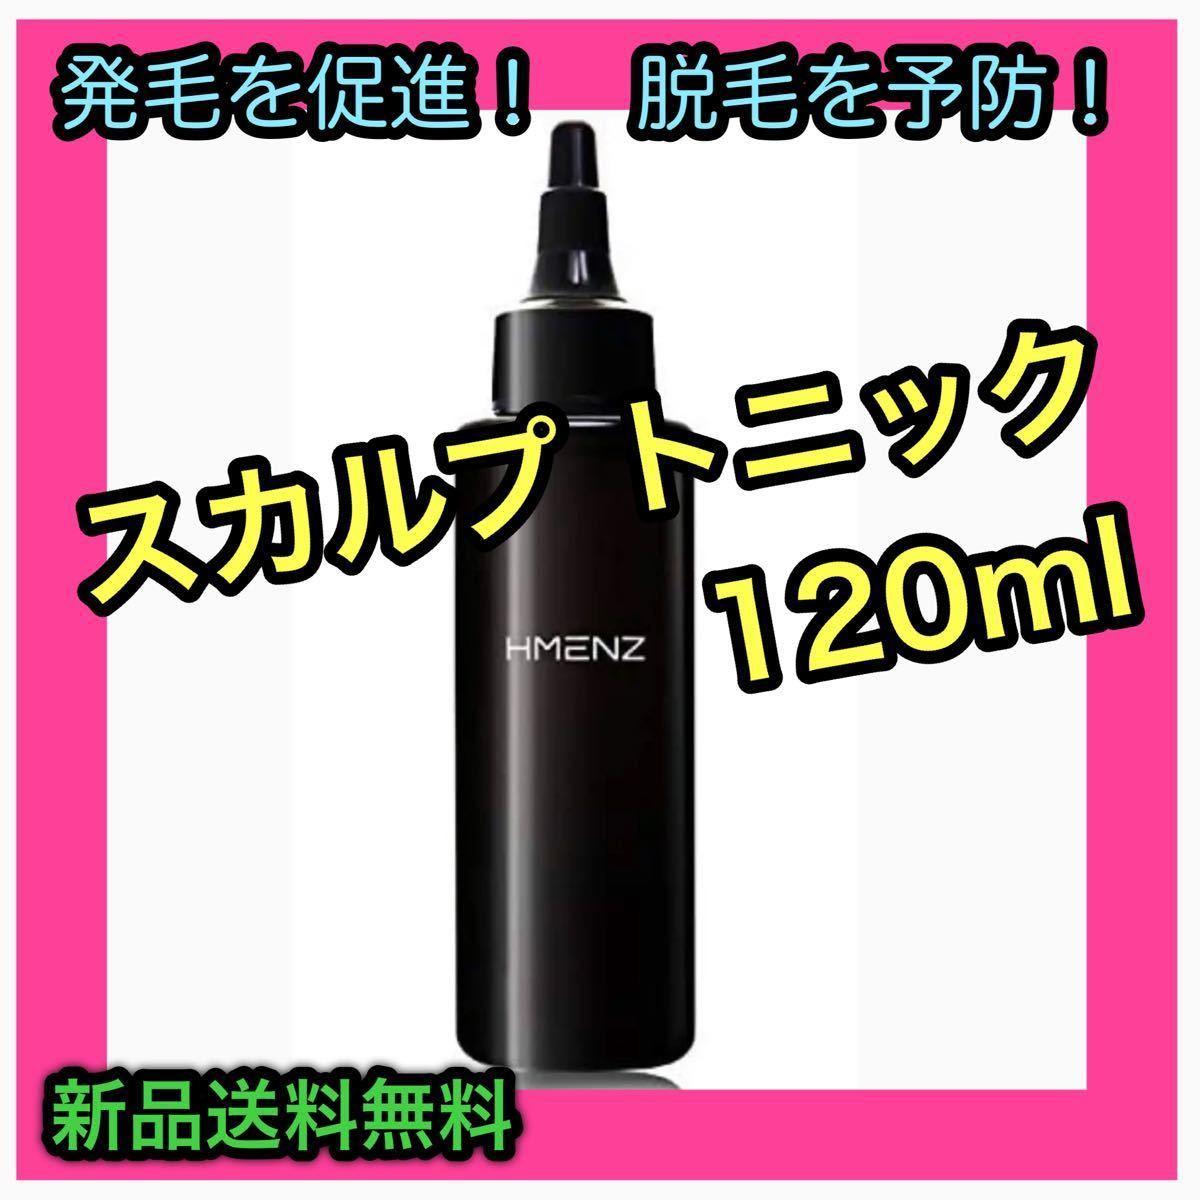 育毛剤 医薬部外品 HMENZ メンズ 育毛 ヘアトニック 120ml